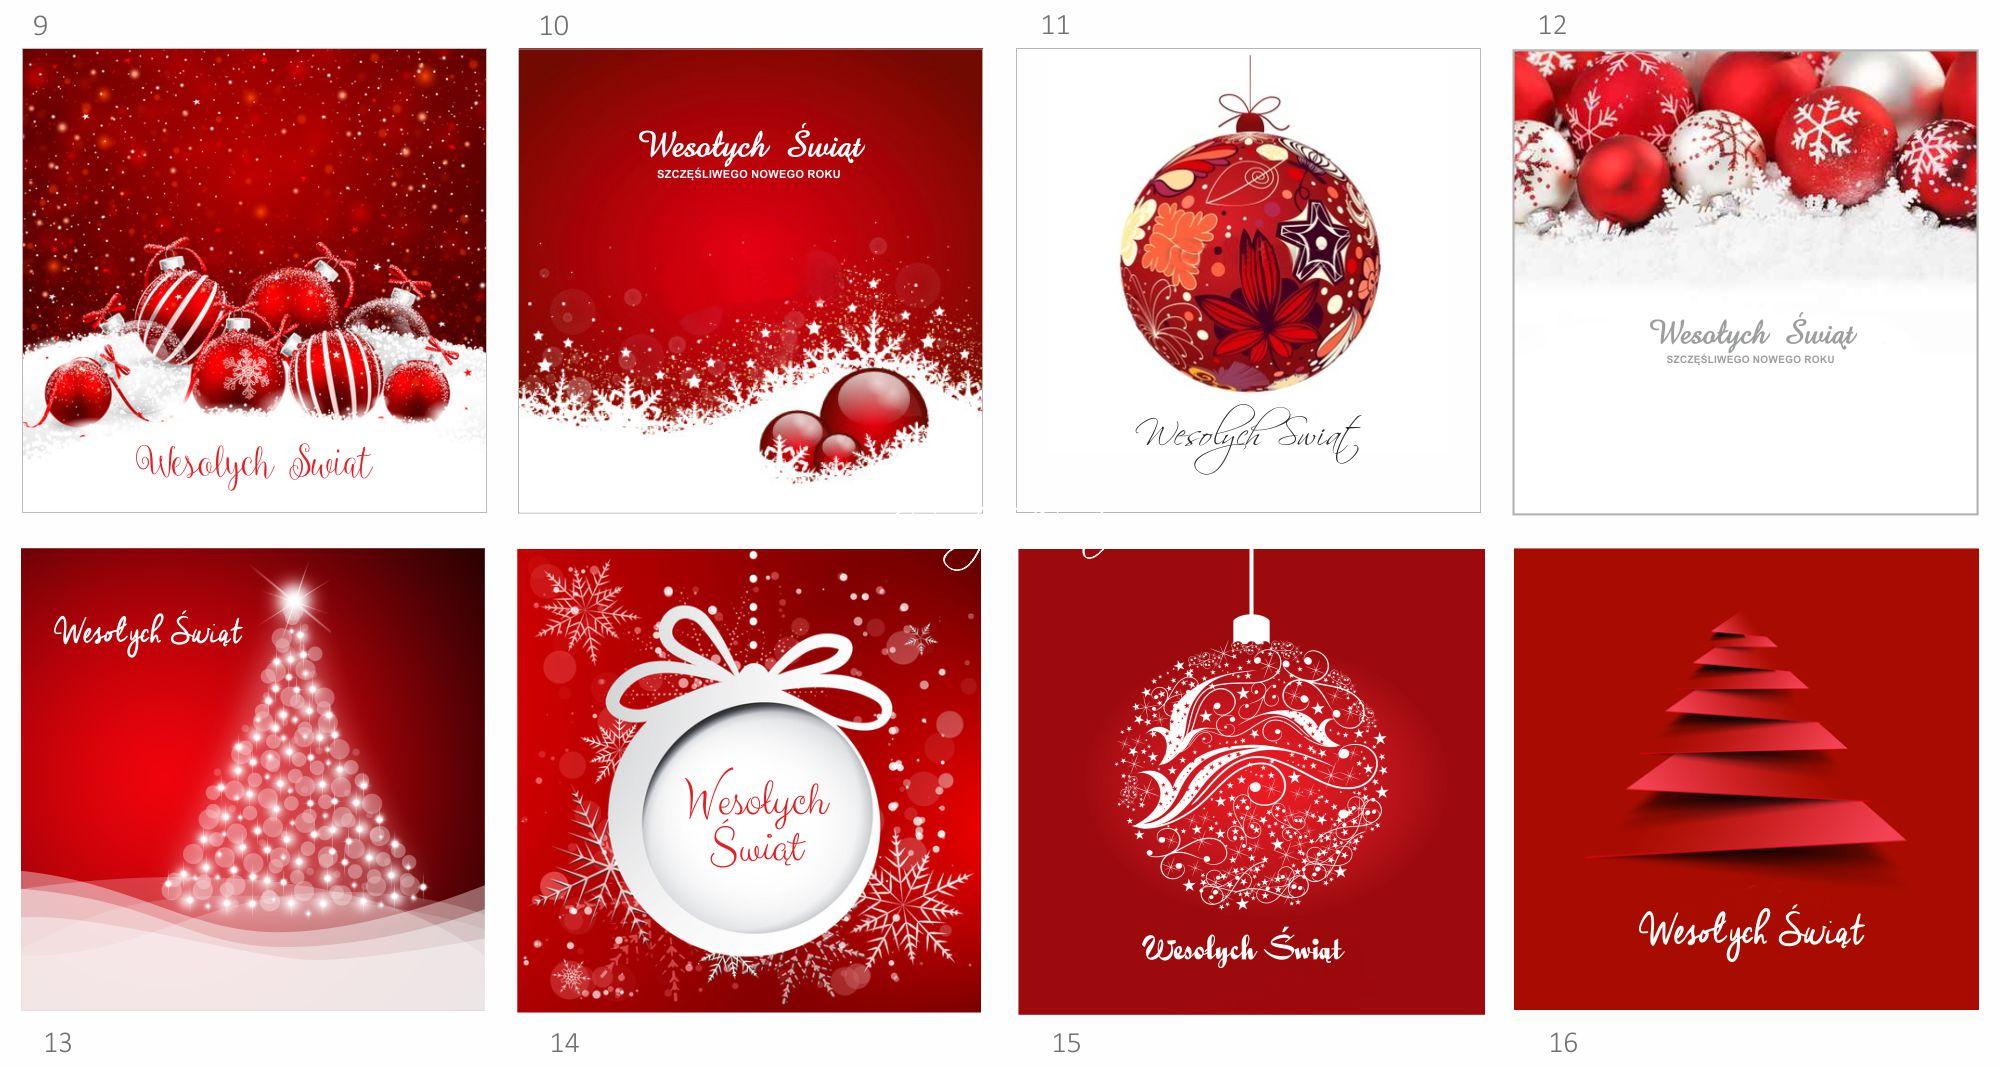 Historia pocztowej kartki świątecznej